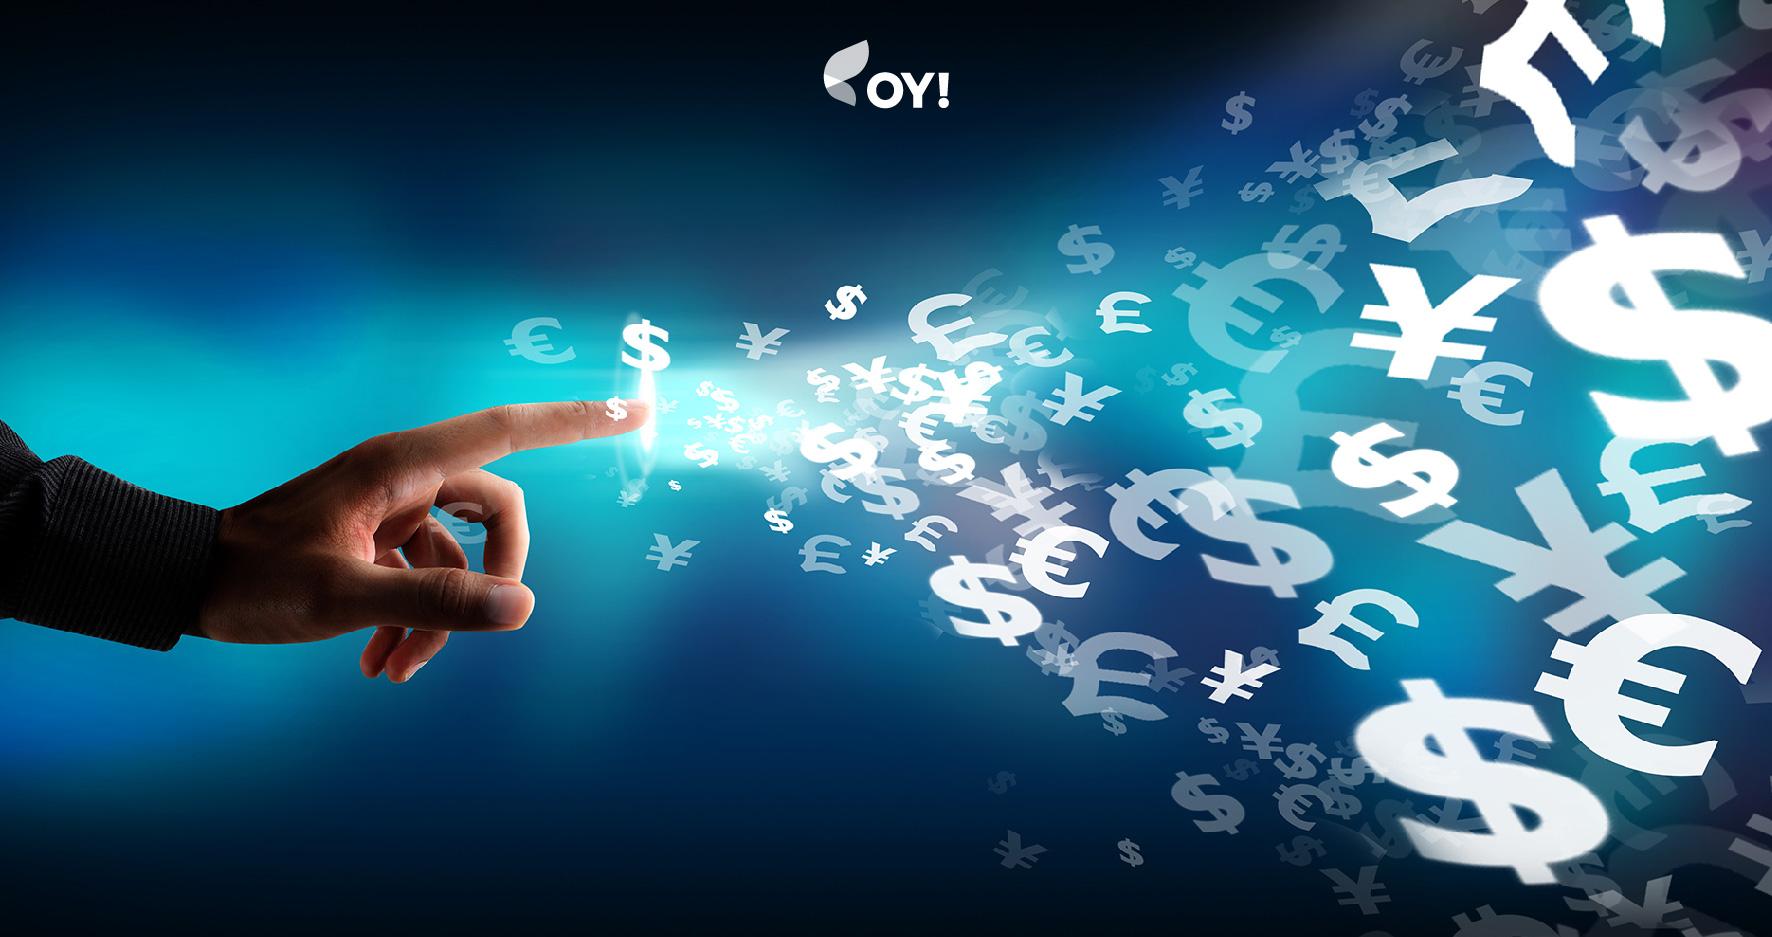 cegah risiko uang dengan produk disbursement OY! Bisnis